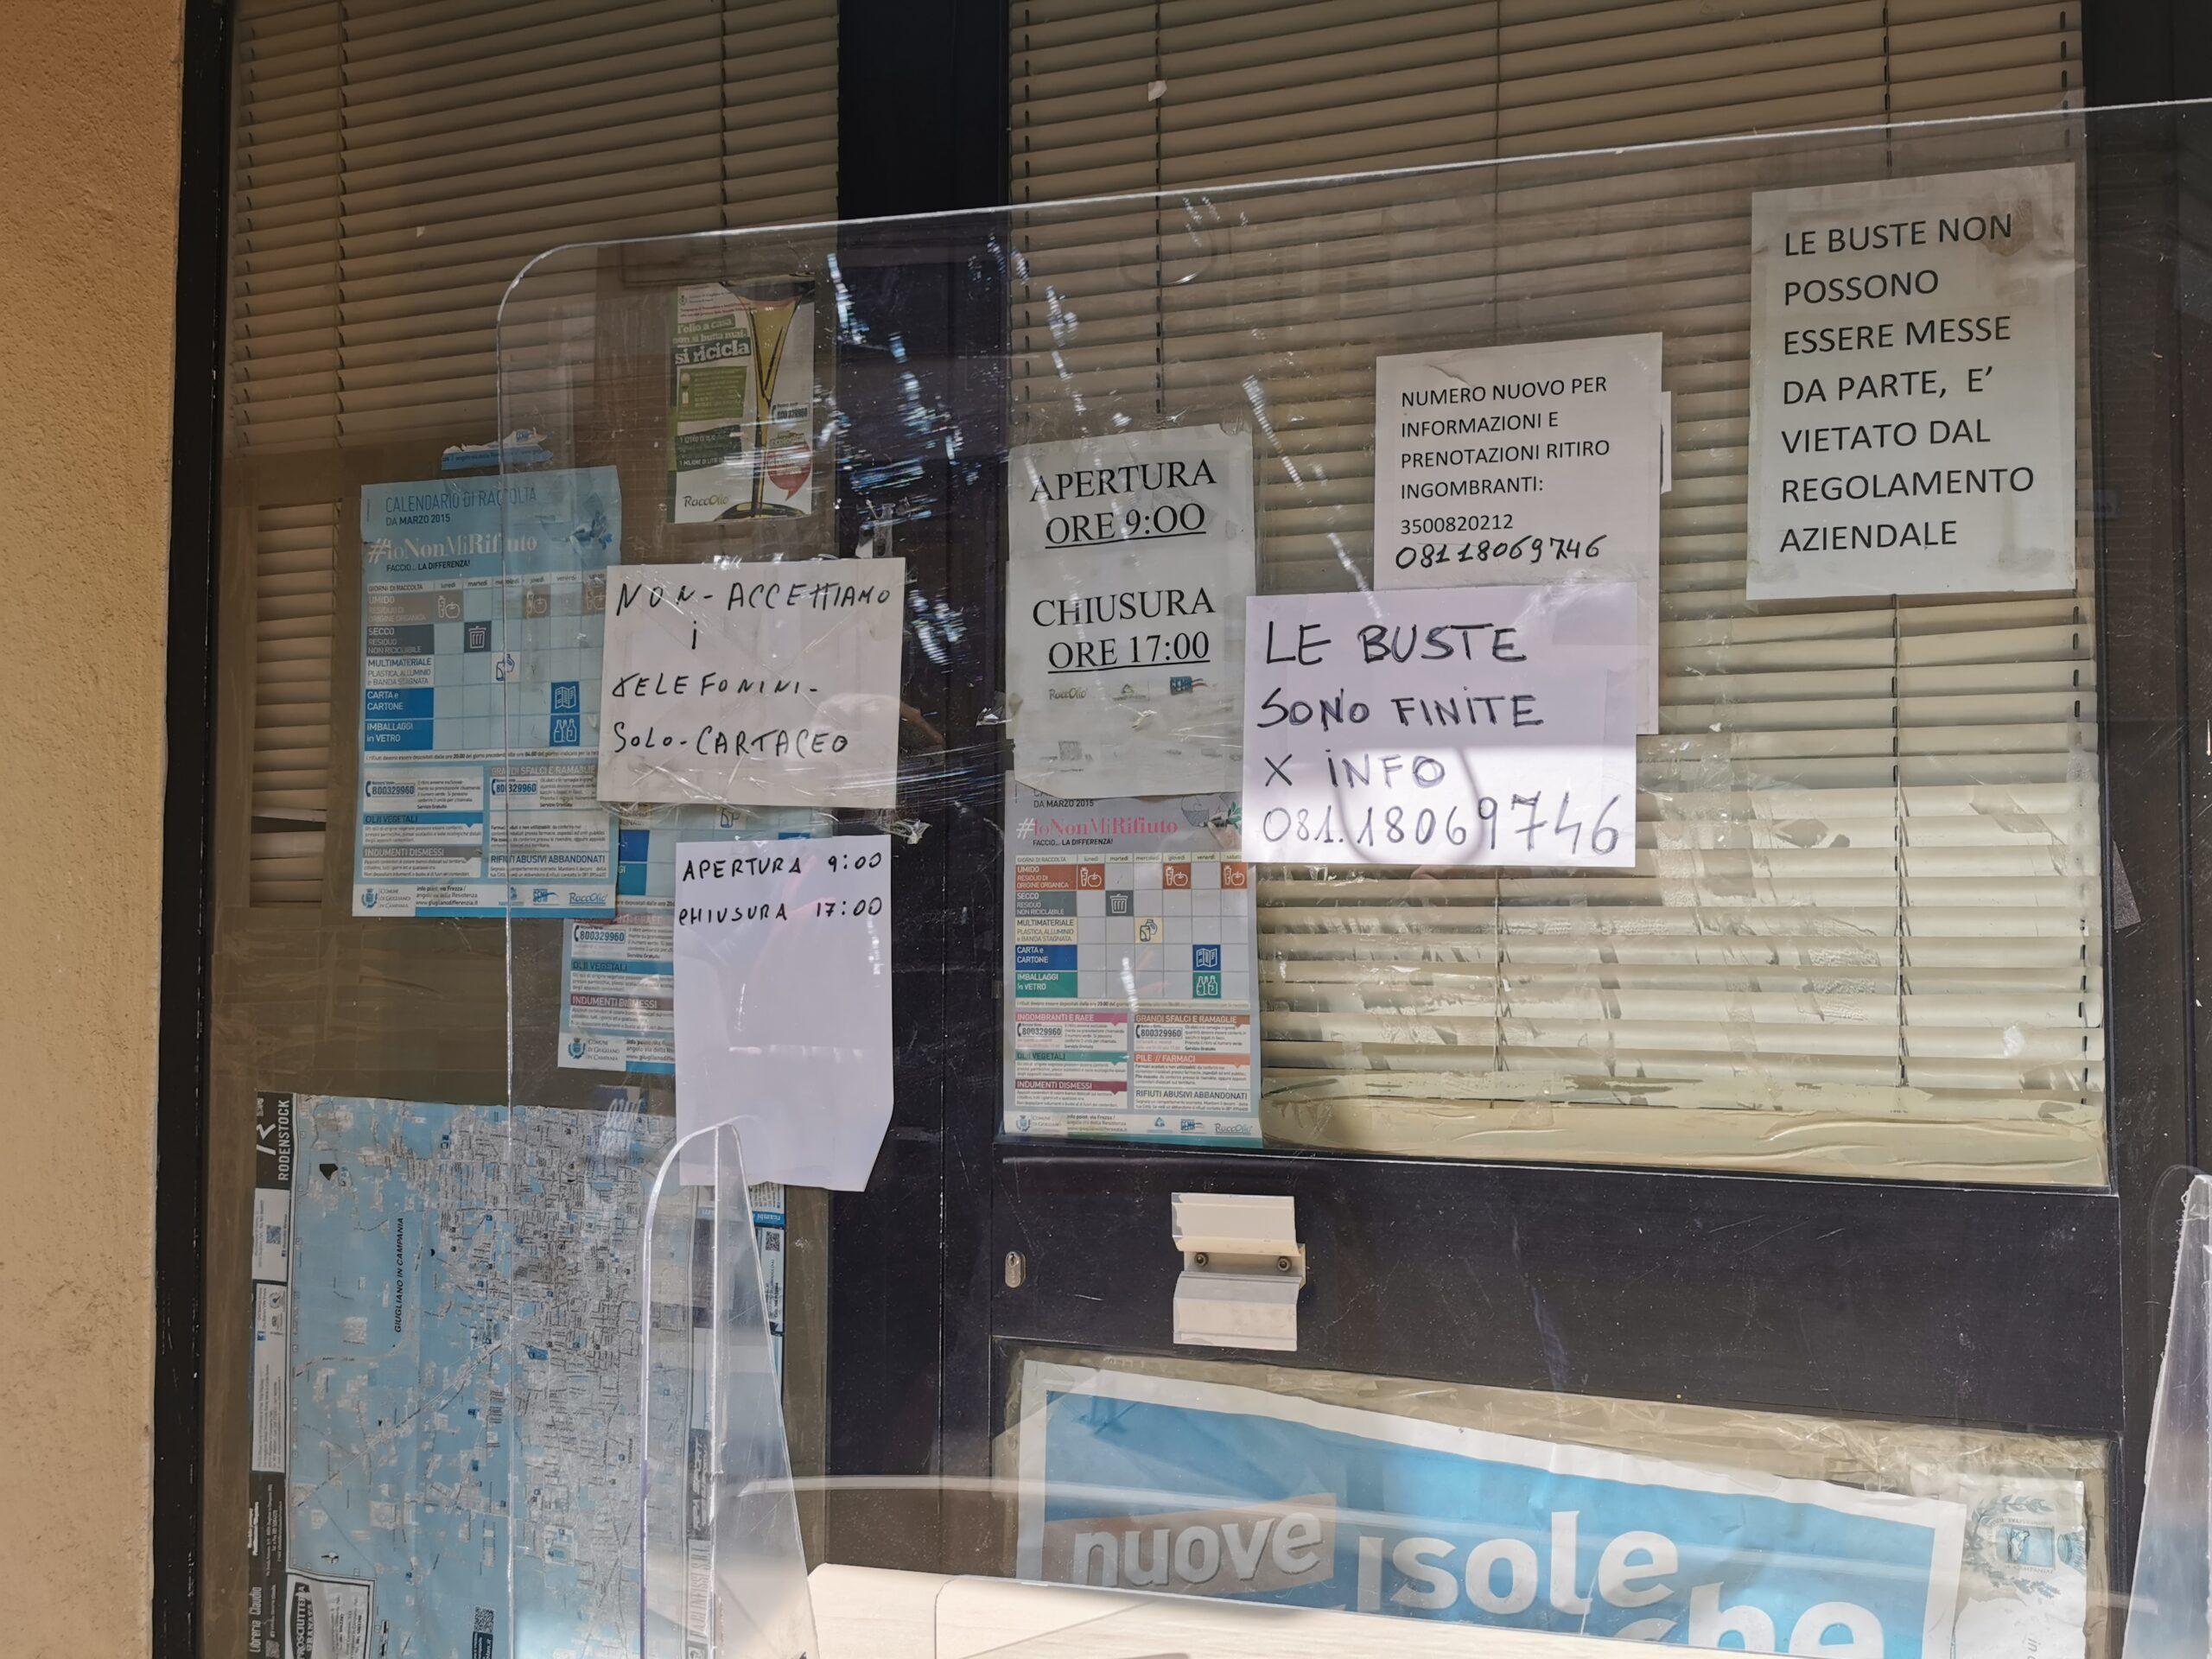 Rifiuti, buste esaurite: chiuso l'ufficio, cittadini infuriati